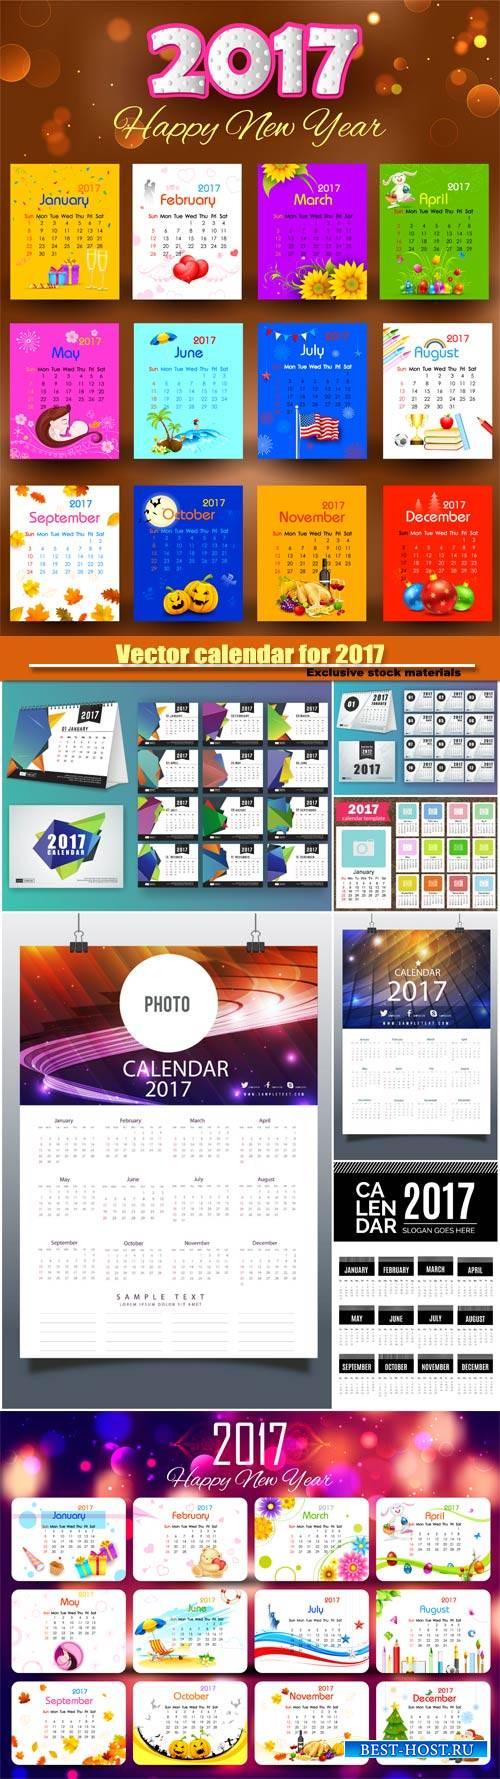 Vector calendar for 2017